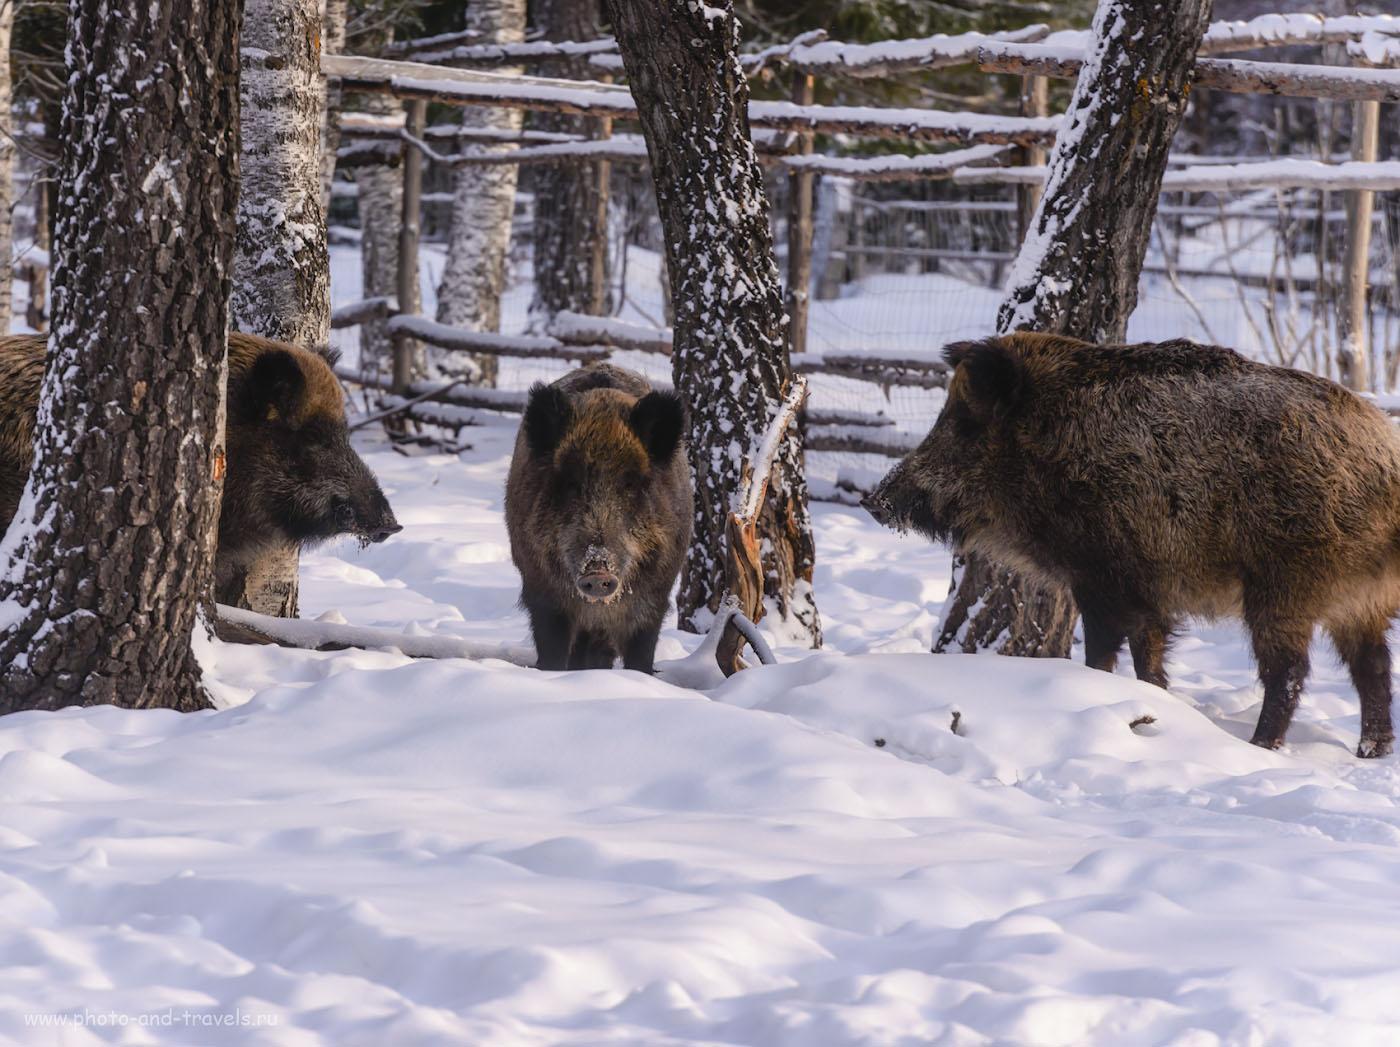 Фото 32. Три веселых друга. Экскурсия на мараловодческую ферму «Медвежья радость». 1/320, -0.33, 8.0, 220, 230.